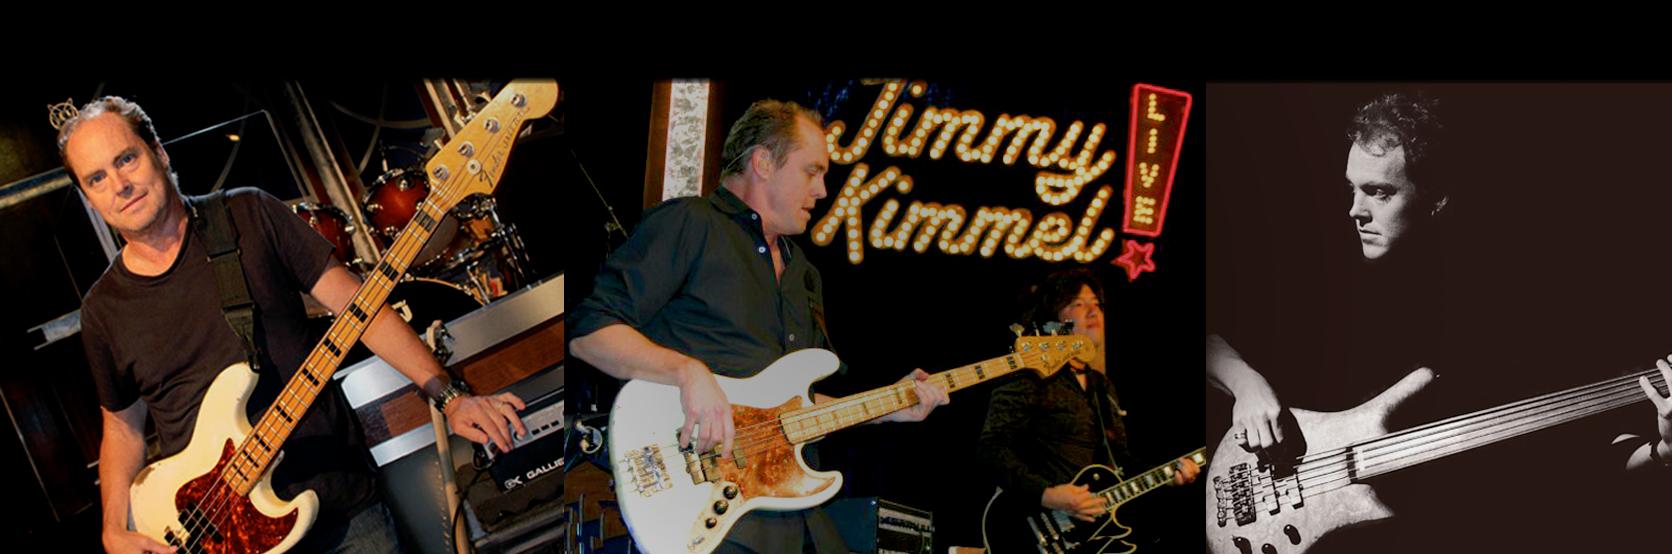 JIMMY EARL   JIMMY KIMMEL LIVE